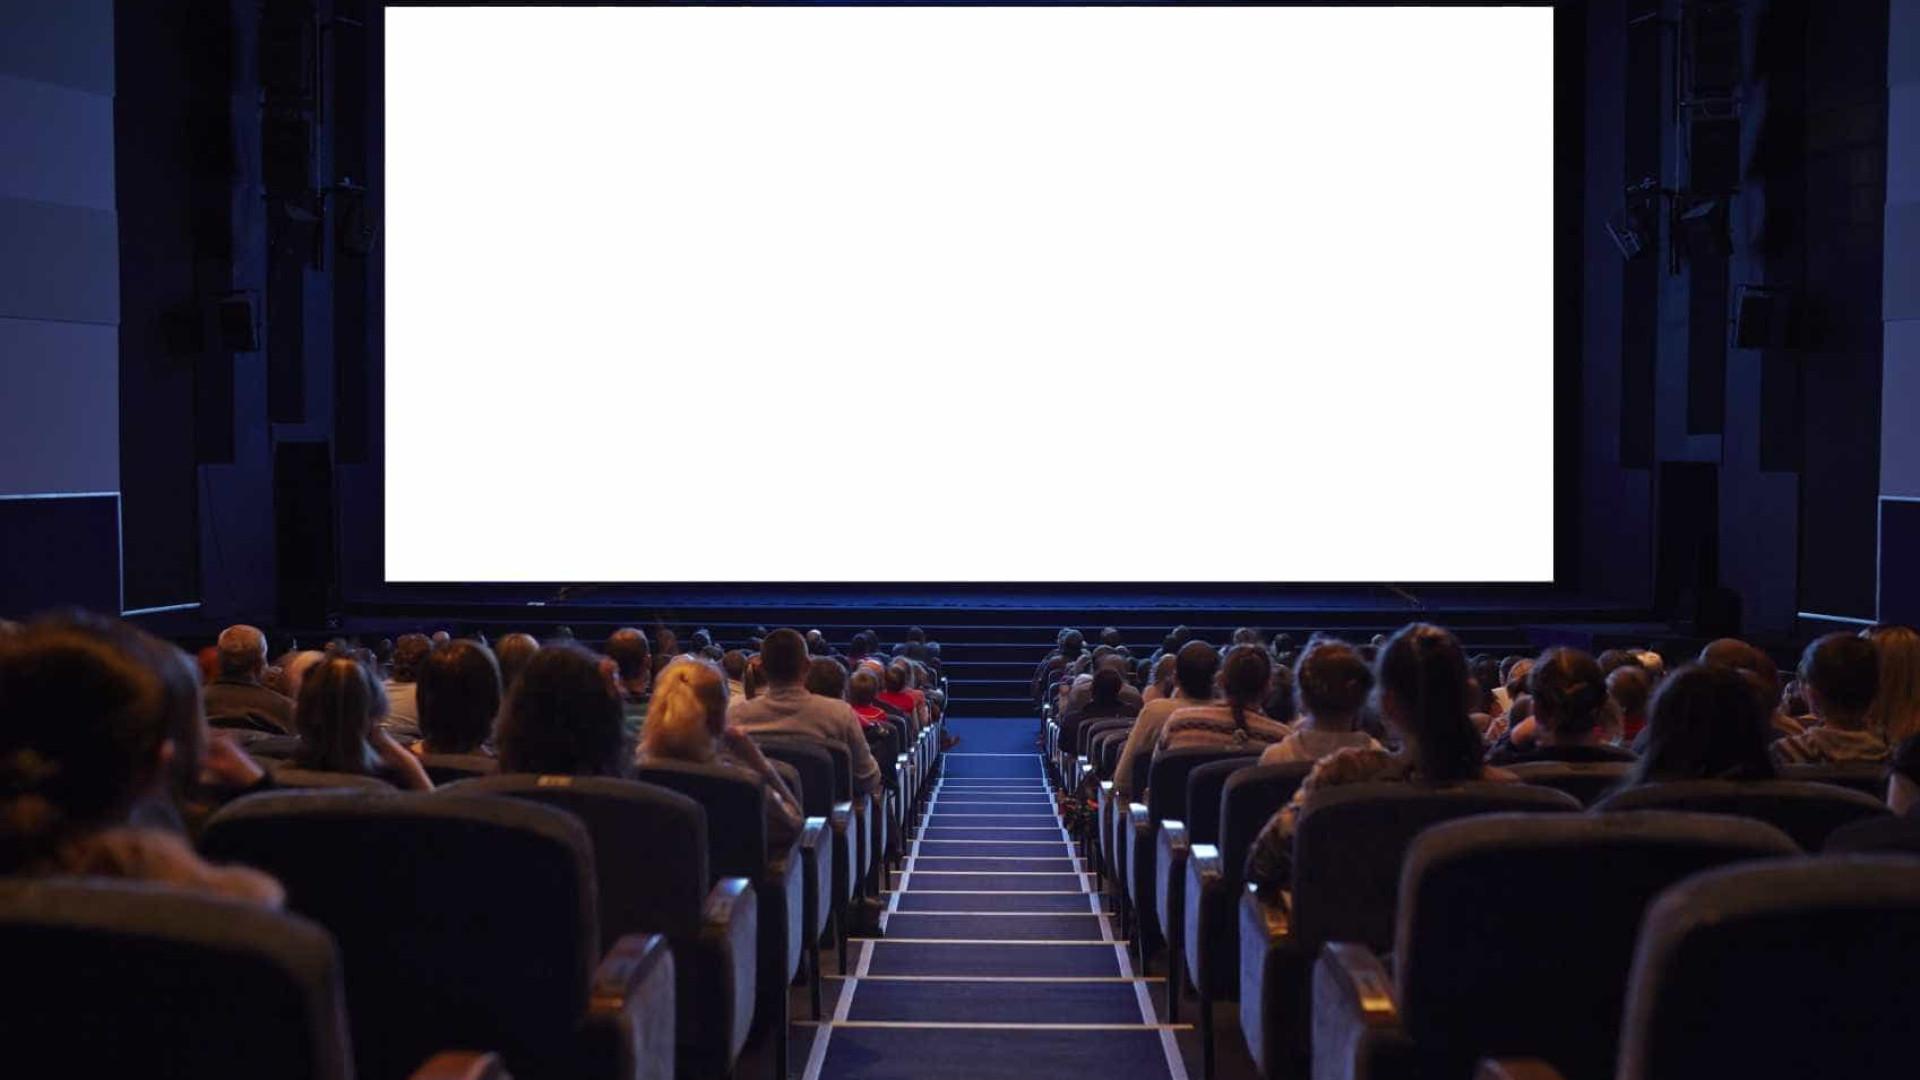 Not Cias Ao Minuto Filme De Terror Obriga A Interven O M Dica Na  -> Imagem De Sala De Cinema